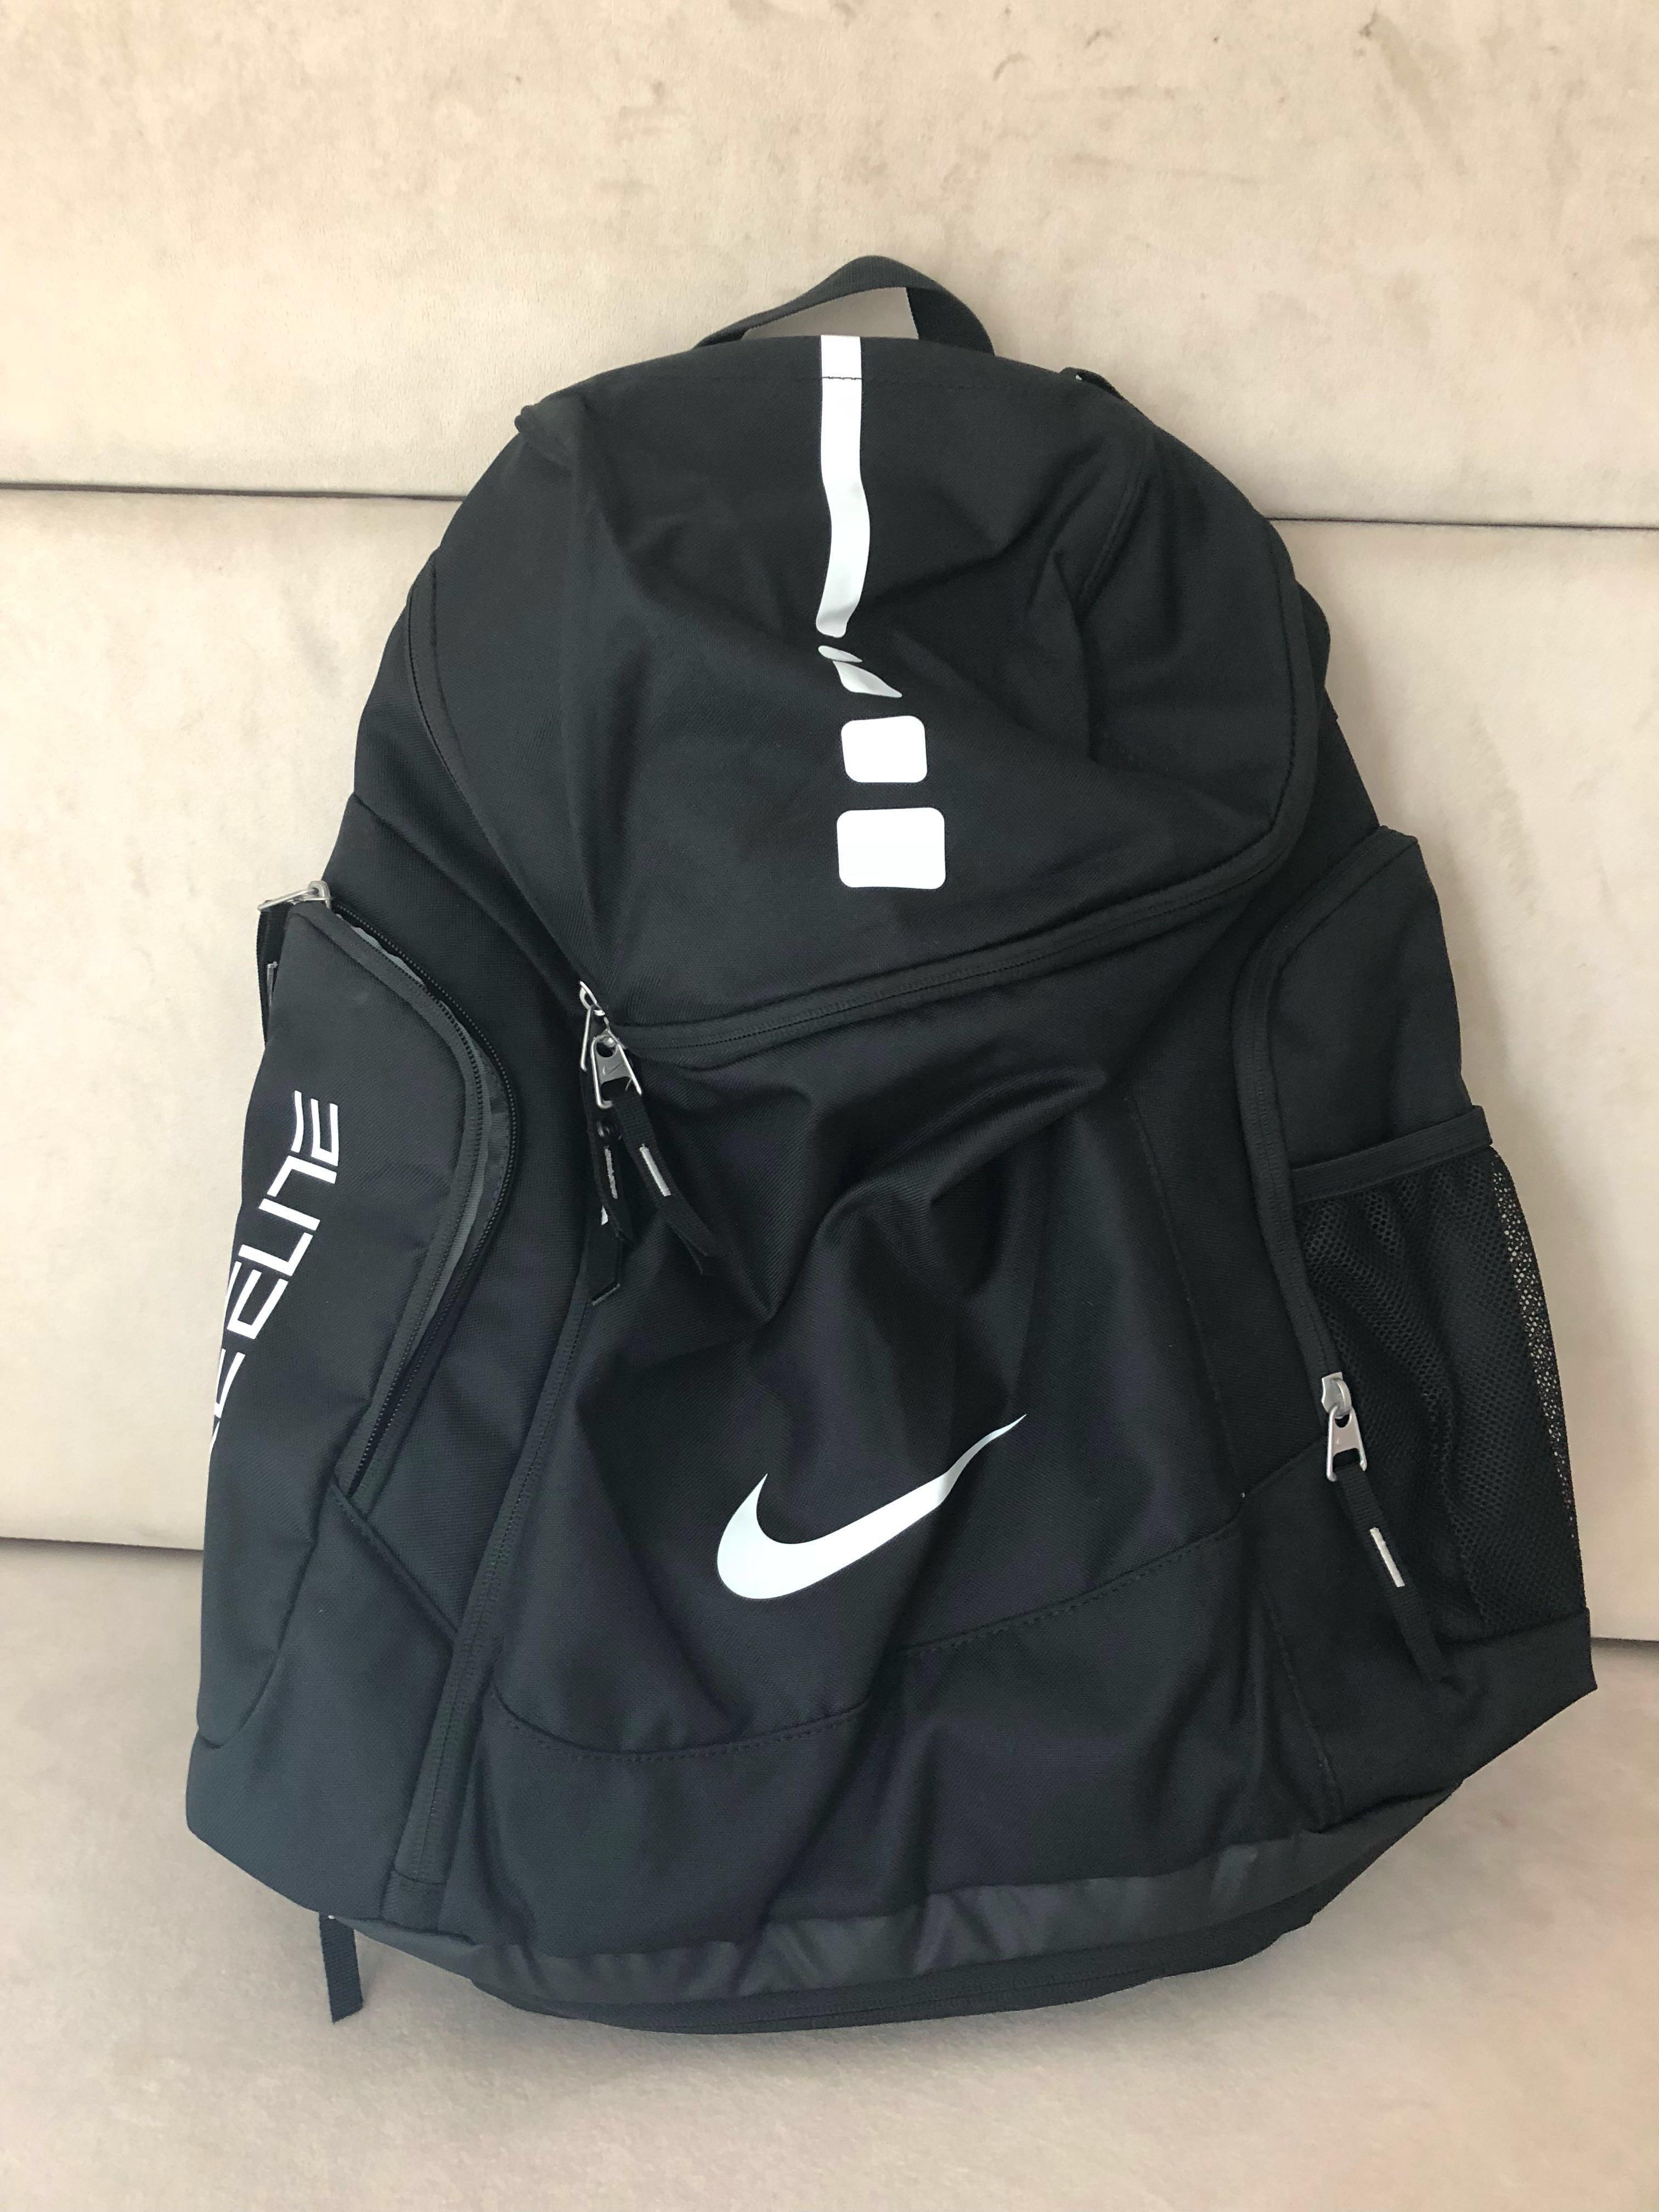 864ad03dbc Nike Elite Backpack